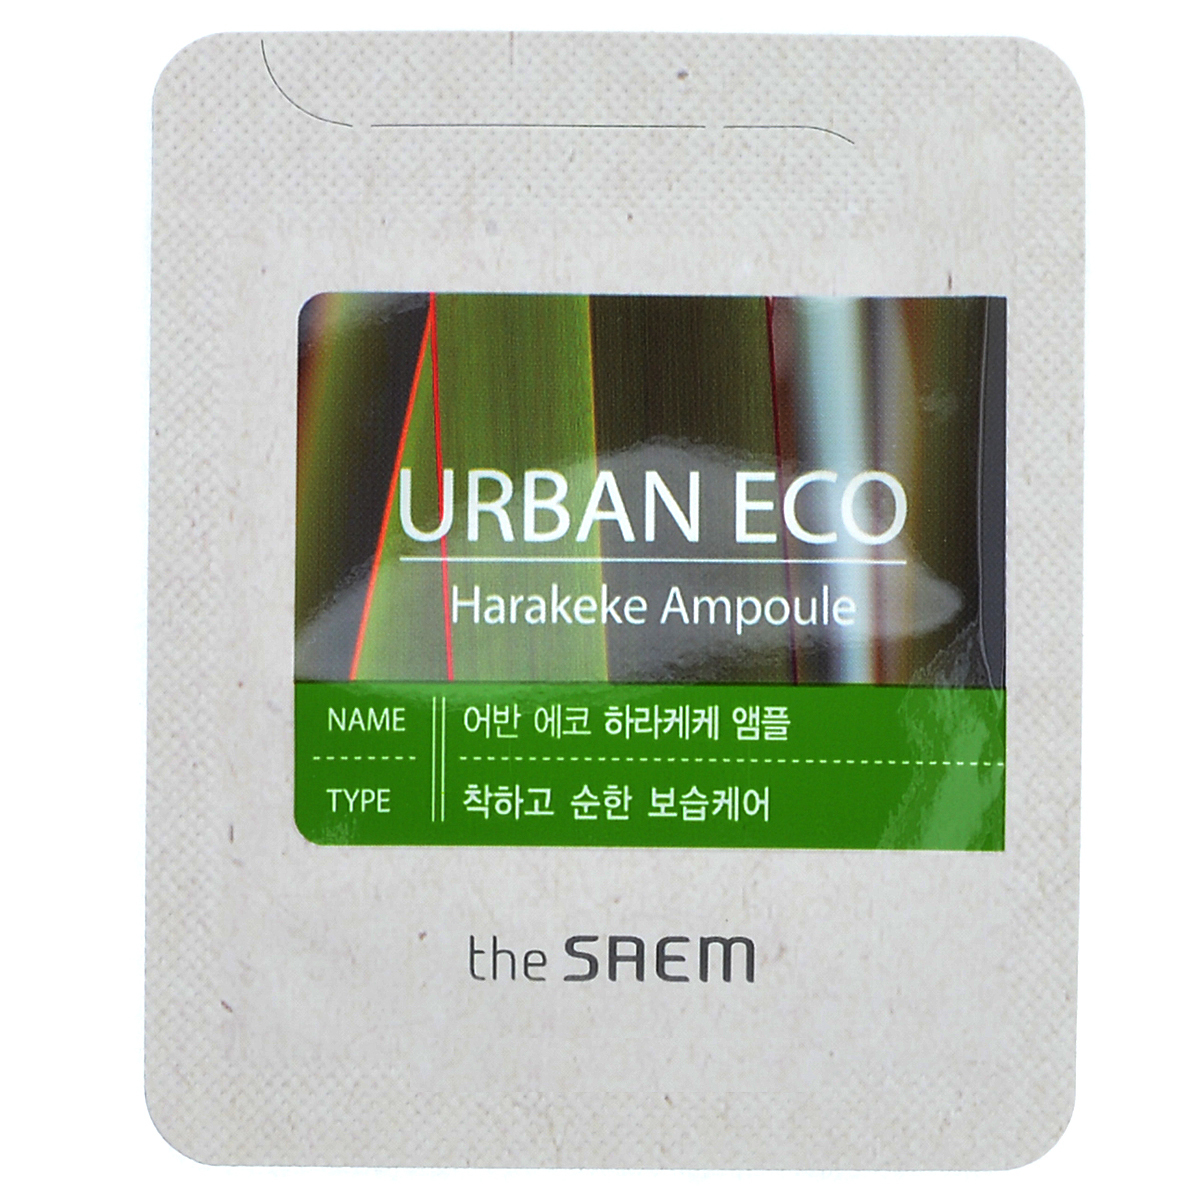 Сыворотки для лица Сыворотка для лица the SAEM с экстр. новозеландского льна пробник (Sample)Urban Eco Harakeke Ampoule 1мл 123.jpg